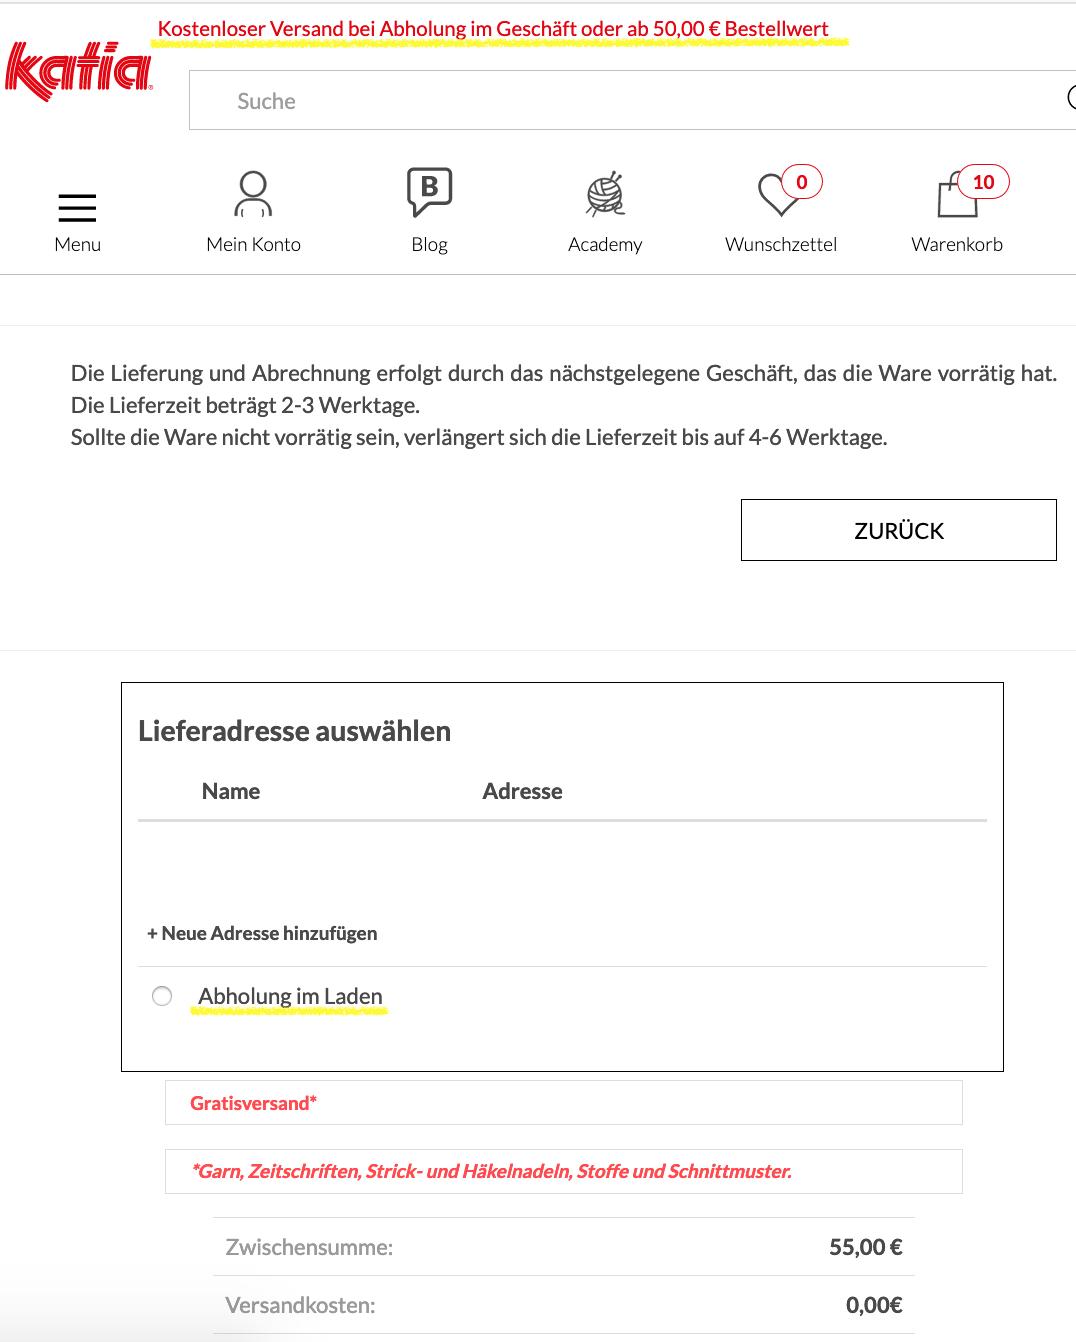 KatiaShop-Garne-Stoffe-online-kaufen-Versand